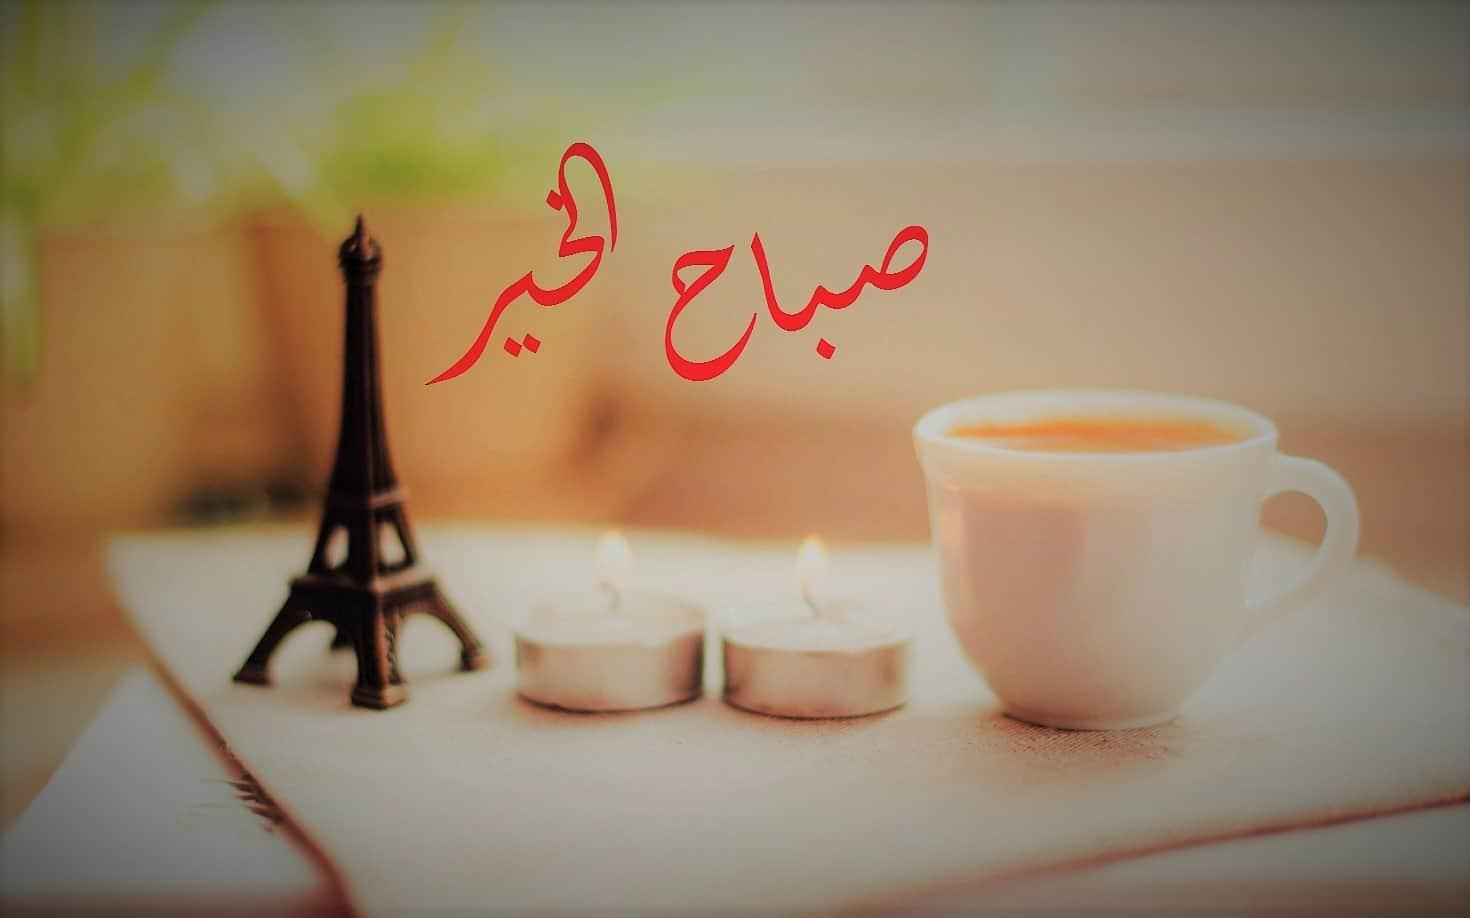 صباح الفل 50 رسالة صباحية للحبيب وللزوج راقية جداً